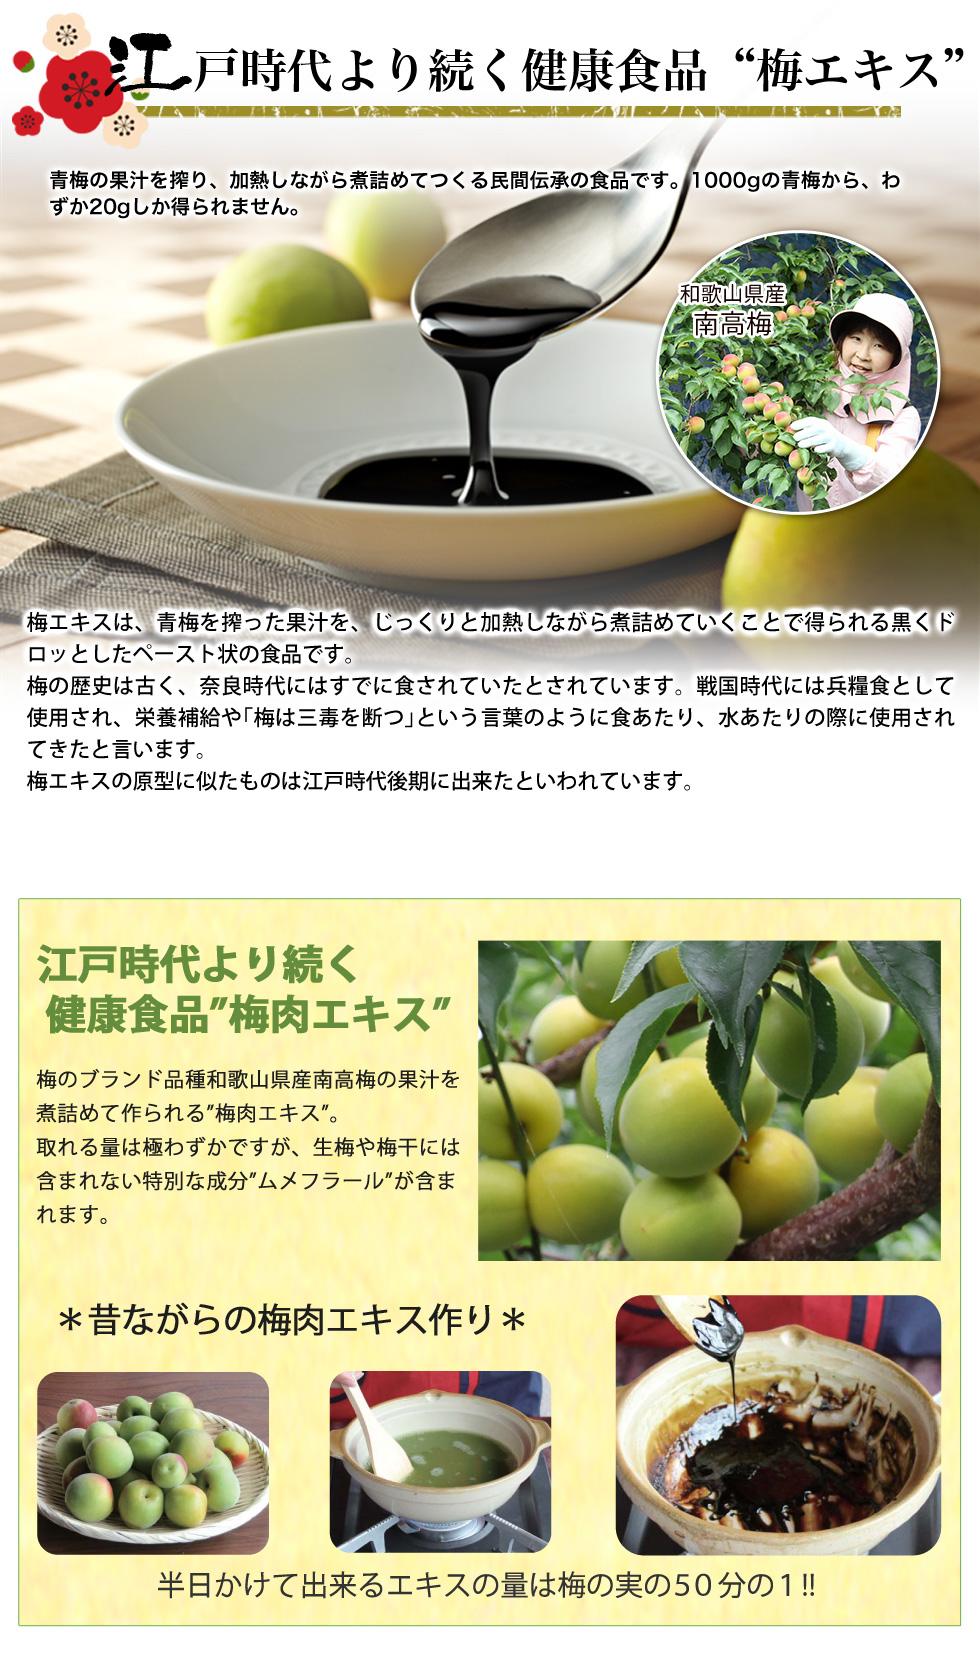 江戸時代より続く健康食品、それが梅エキス